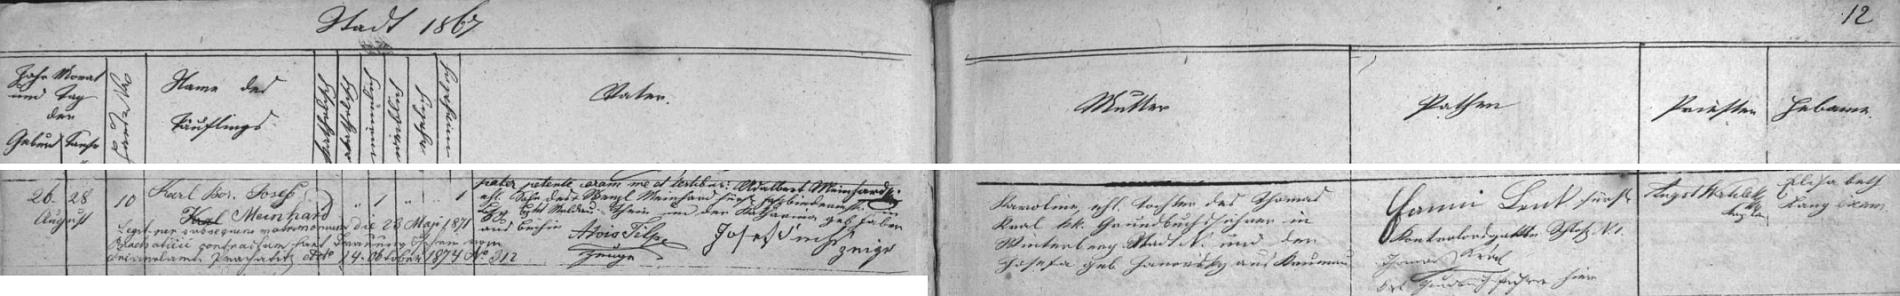 Záznam vimperské křestní matriky o jeho narození 26. srpna 1867 (a křtu dva dny nato) Karolině, dceři c.k. vedoucího pozemkových knih ve Vimperku Thomase Krale a Josefy, roz. Janowsky z Krumlova - jako otec byl legitimizován sňatkem s ní ze dne 23. května 1871 Adalbert Meinhard (stvrzuje to zde i svým podpisem), syn knížecího schwarzenberského bednáře Wenzla Meinharda z Týna nad Vltavou a Kathariny, roz. Faberové z Bechyně